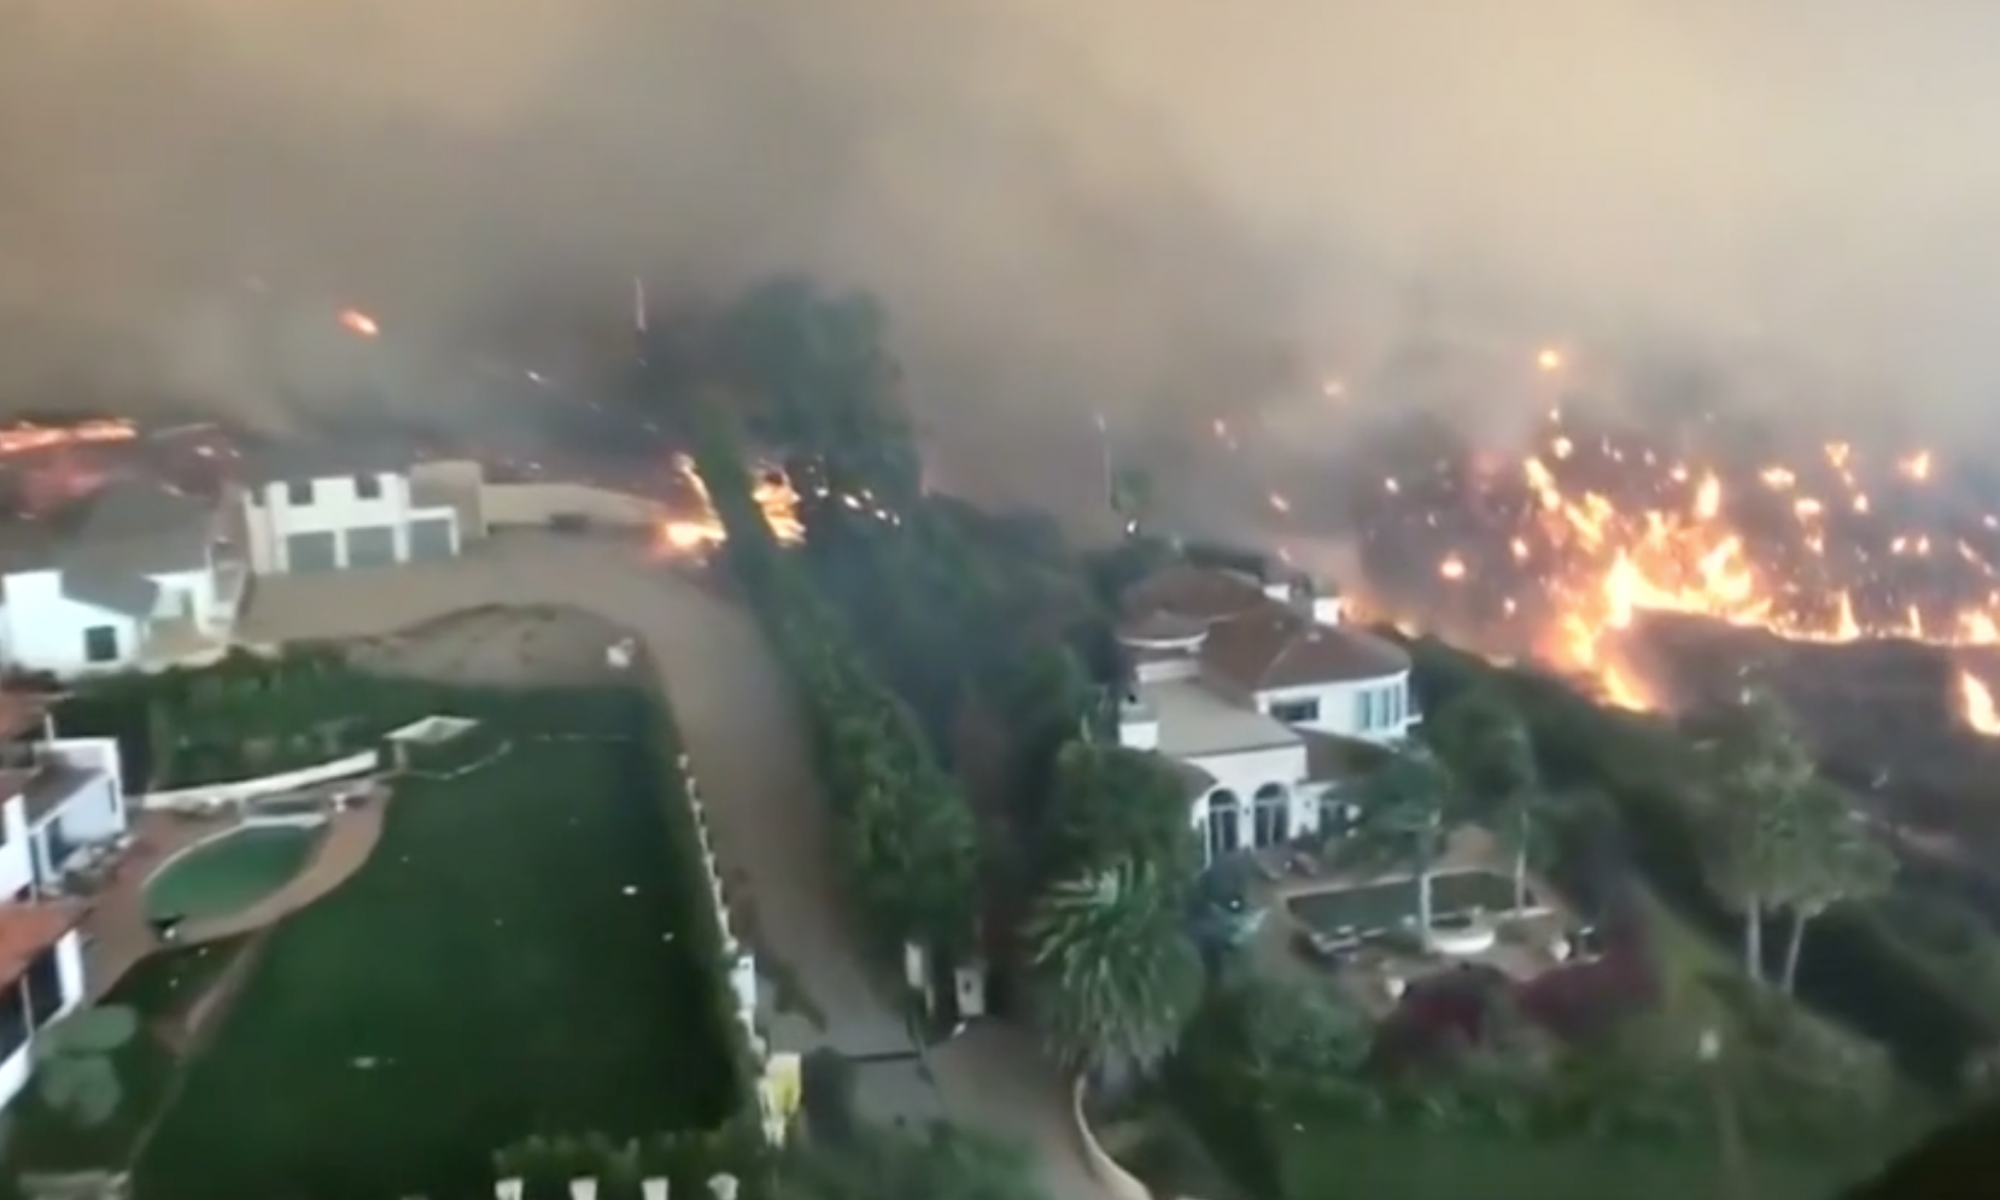 Derzeit viele Brände in Kalifornien, bald wieder El Niño